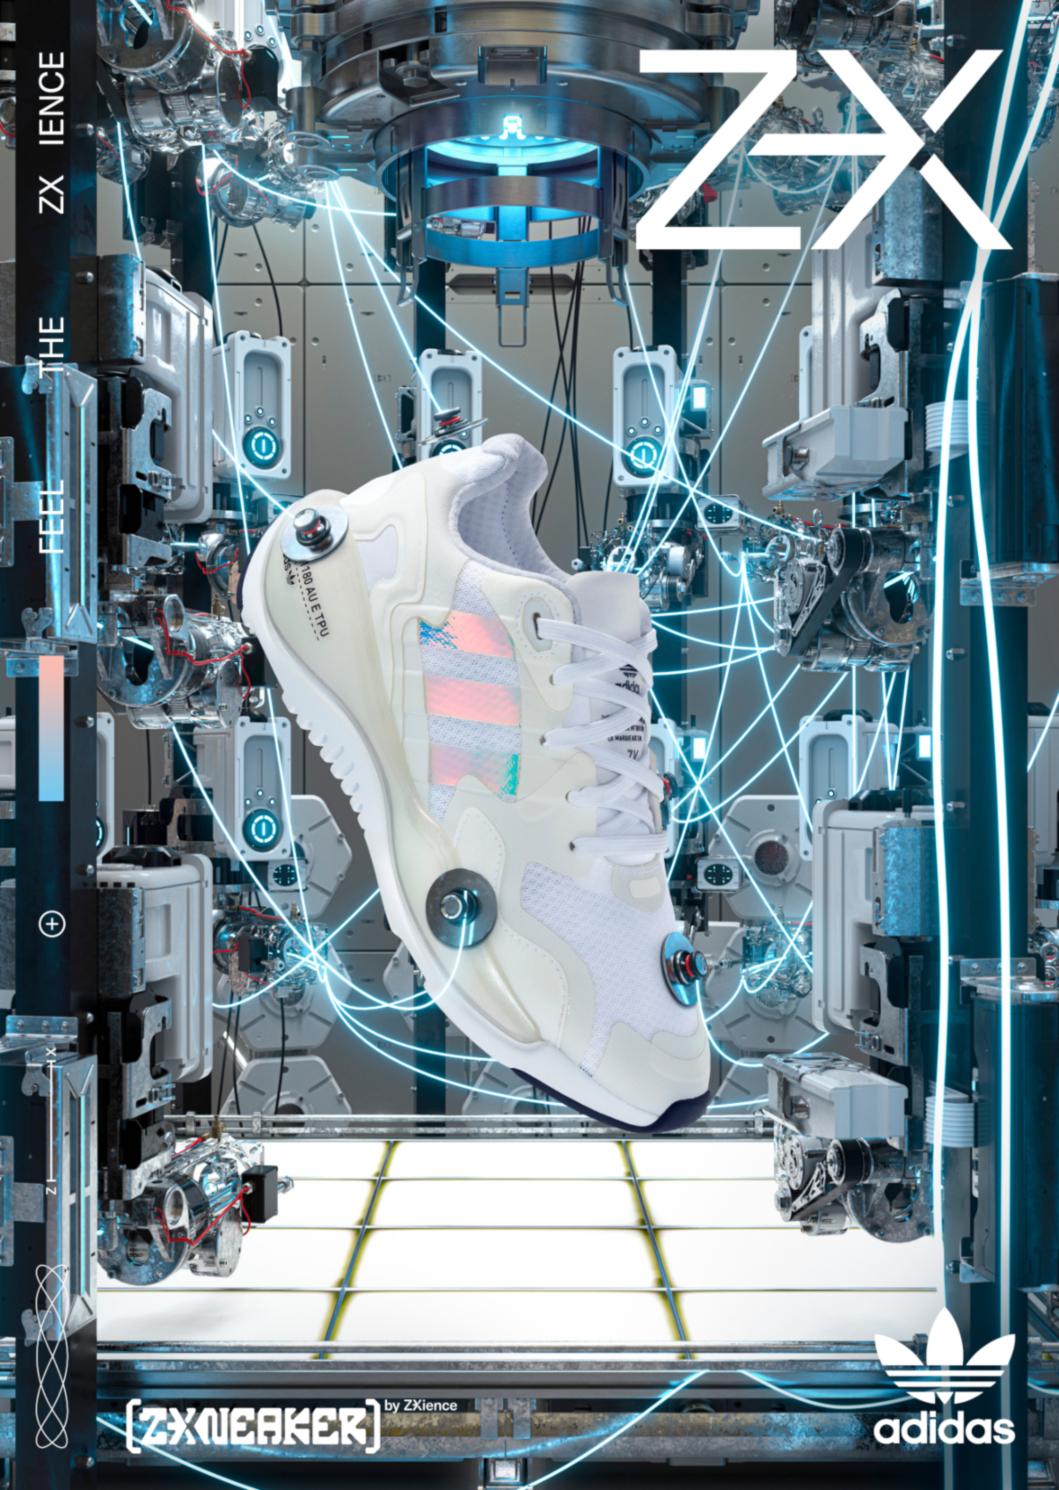 adidas_zx-alkyne-cho-nu